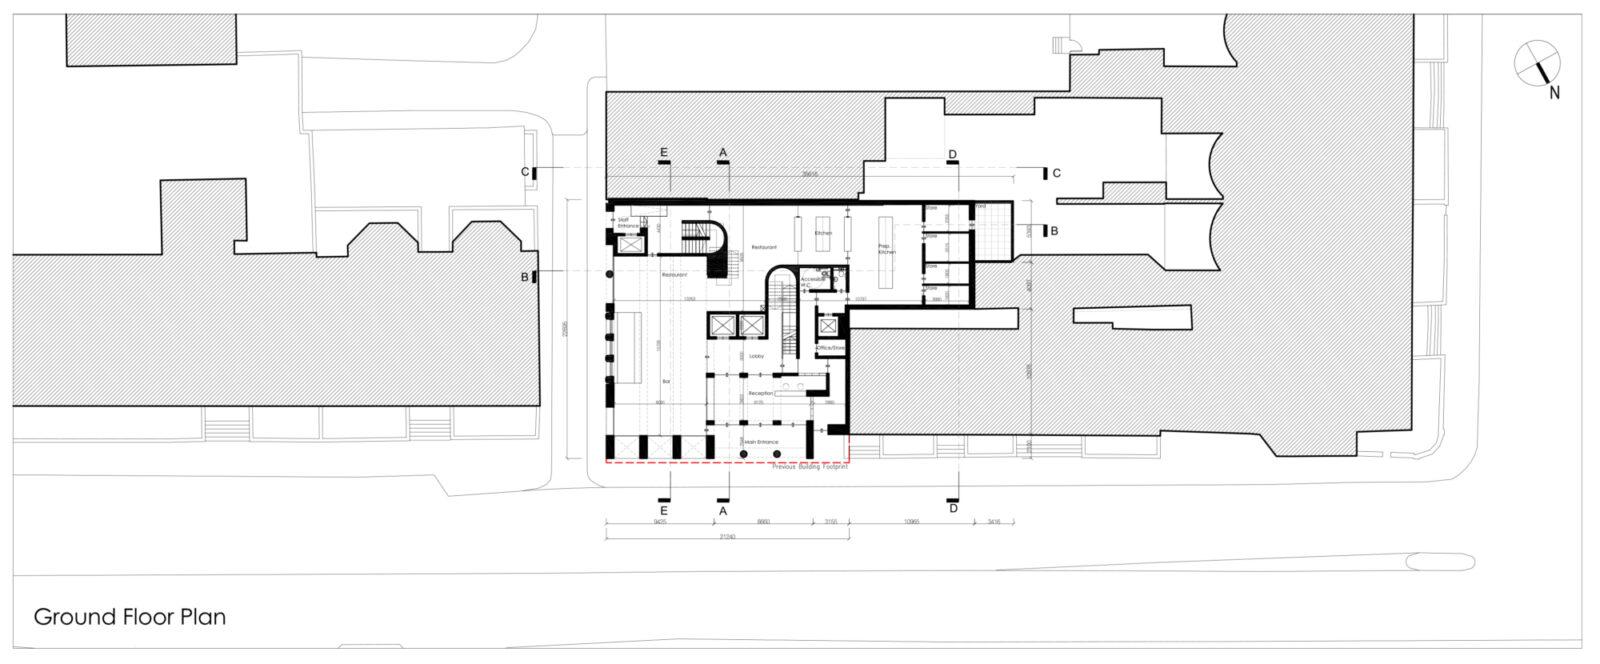 Msh Ground Floor Plan